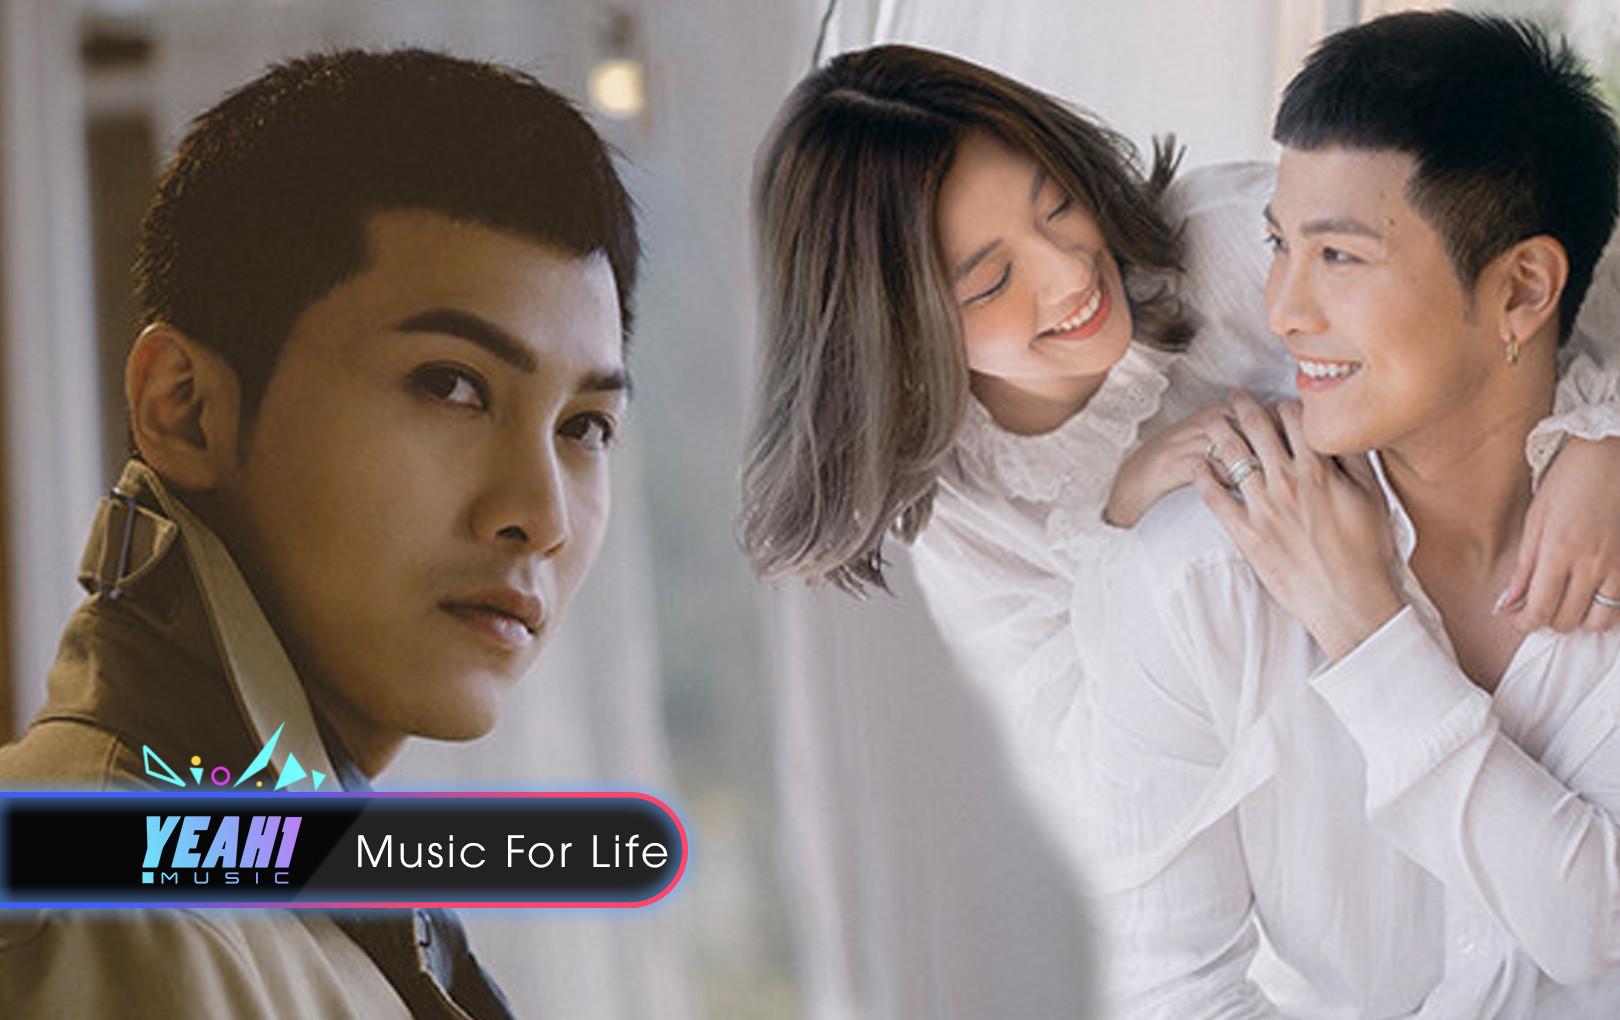 """Vừa """"gây sốt"""" trên sân khấu Hoa hậu Việt Nam 2018, Mai Tiến Dũng tung MV ballad mới nhất với thông điệp một khi đã lỡ duyên là phải """"chờ thêm một đời"""""""